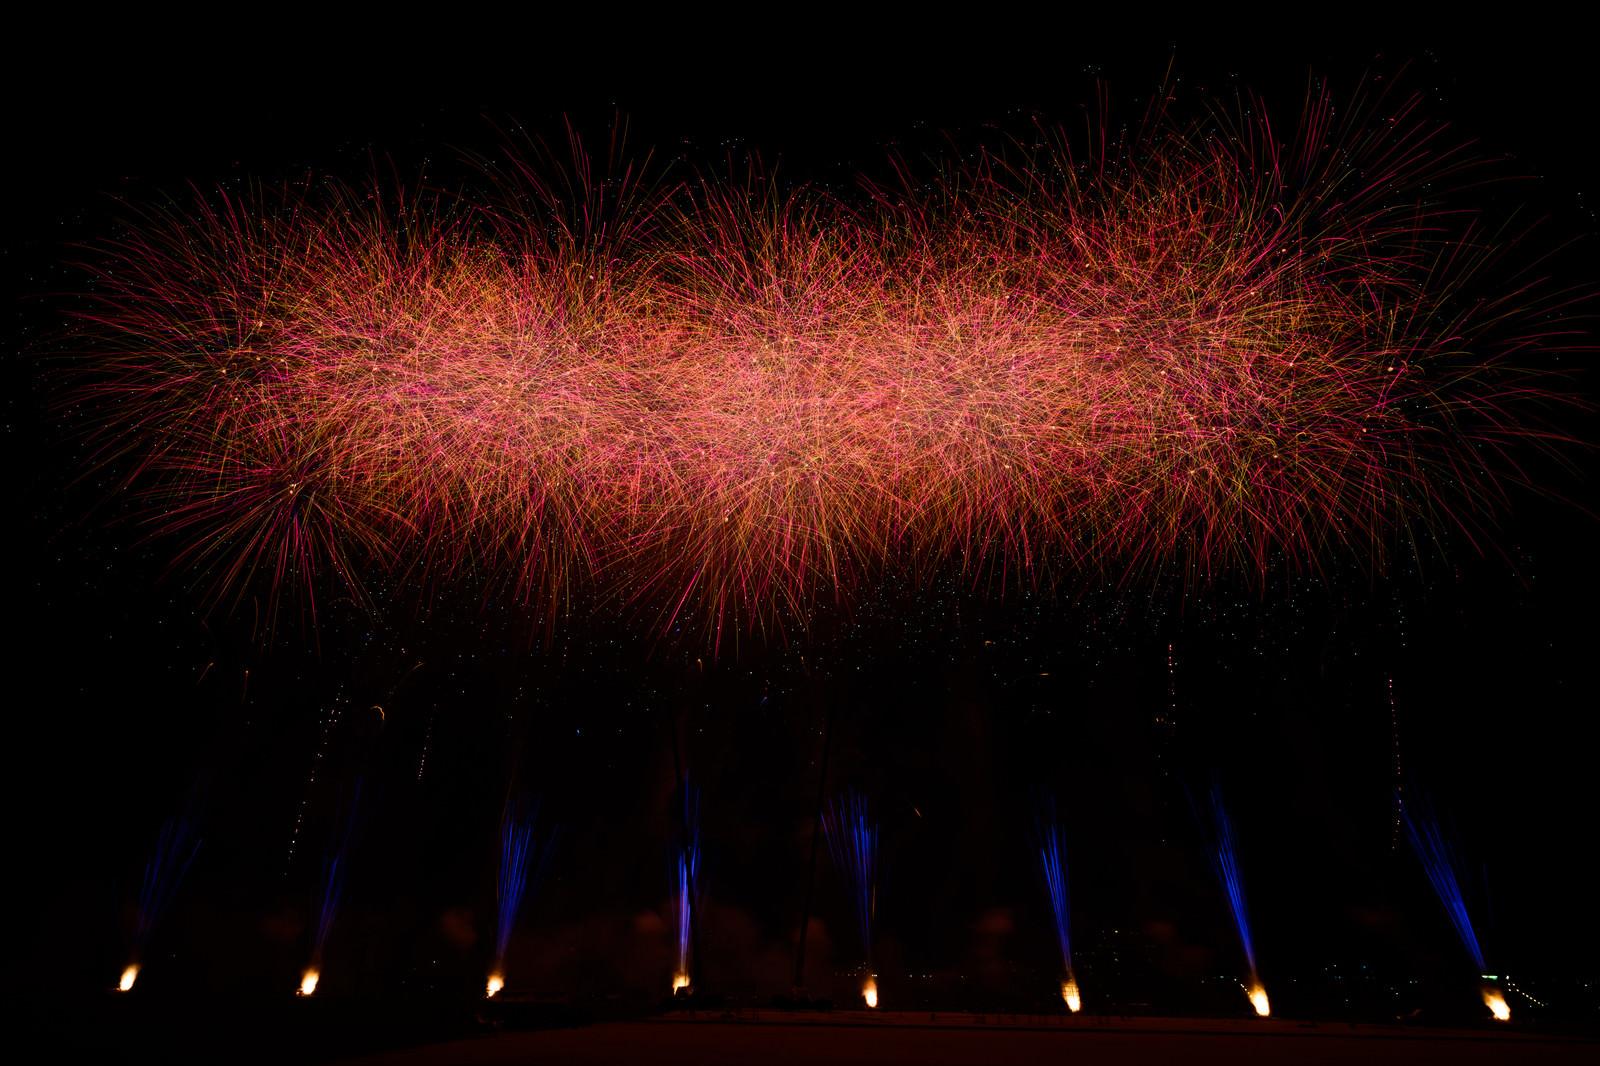 「夜空に炸裂する赤い打ち上げ花火」の写真